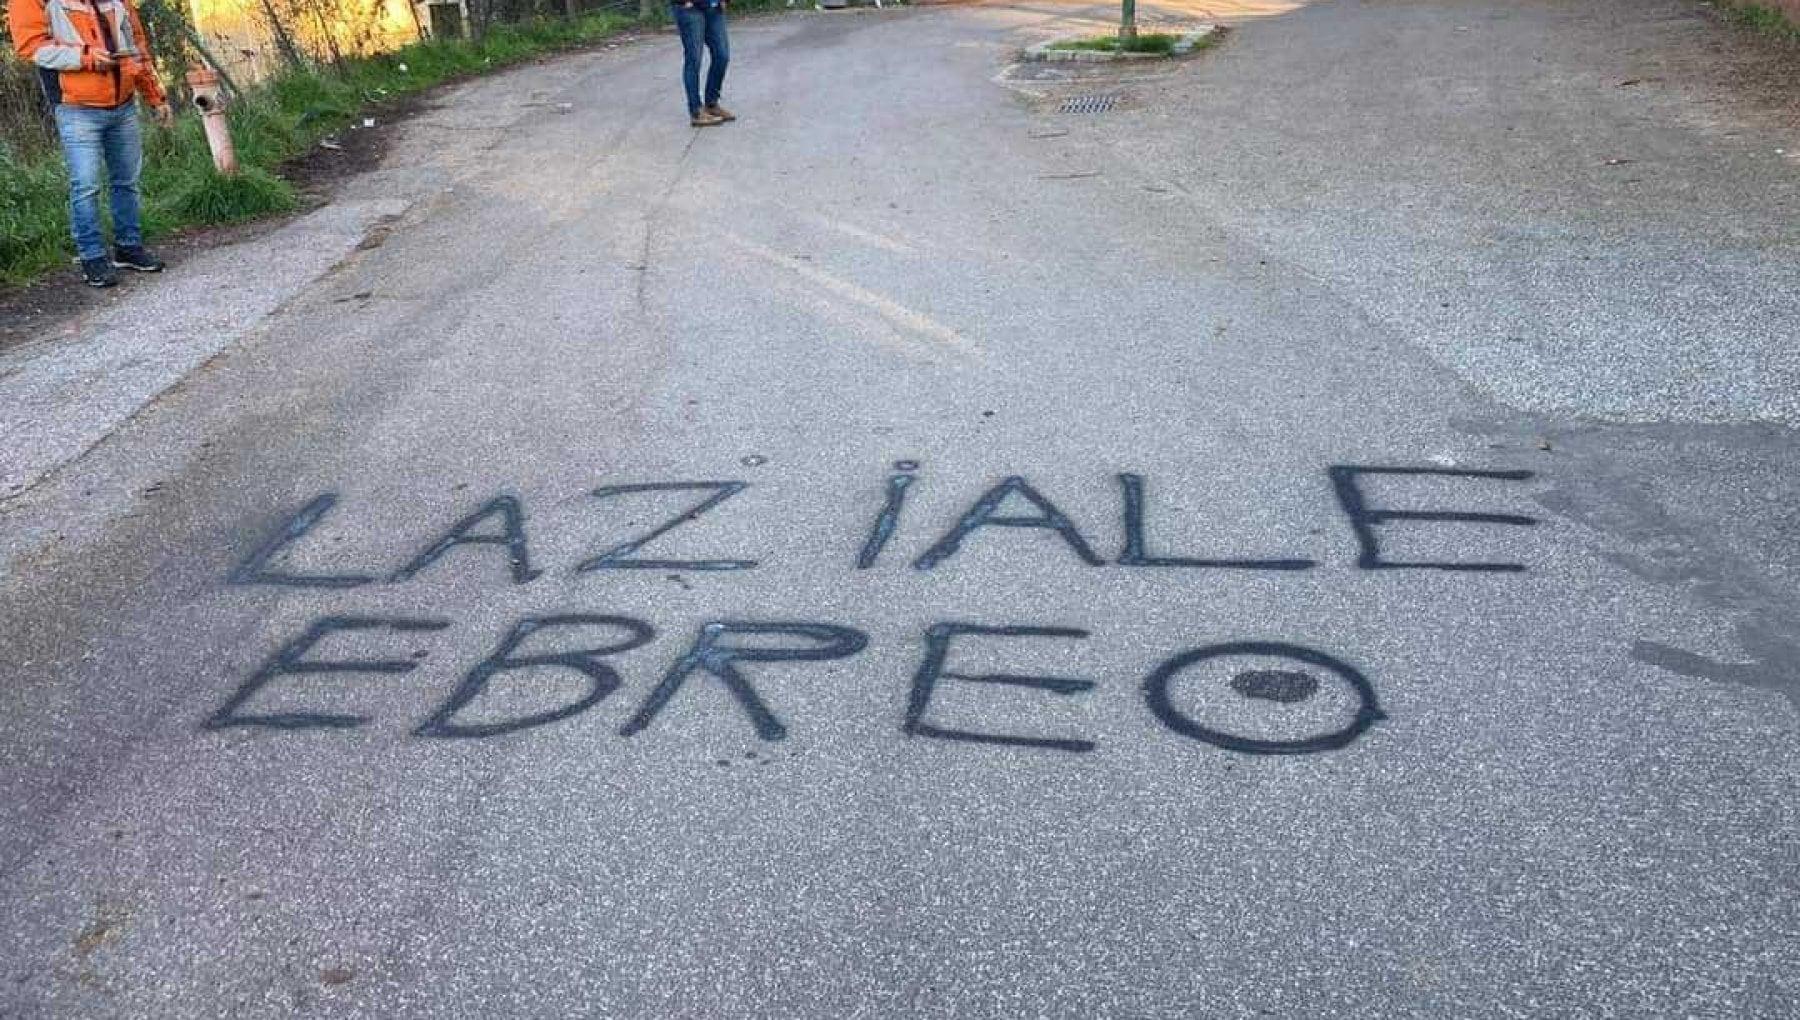 Roma scritte antisemite davanti a una scuola alla Balduina